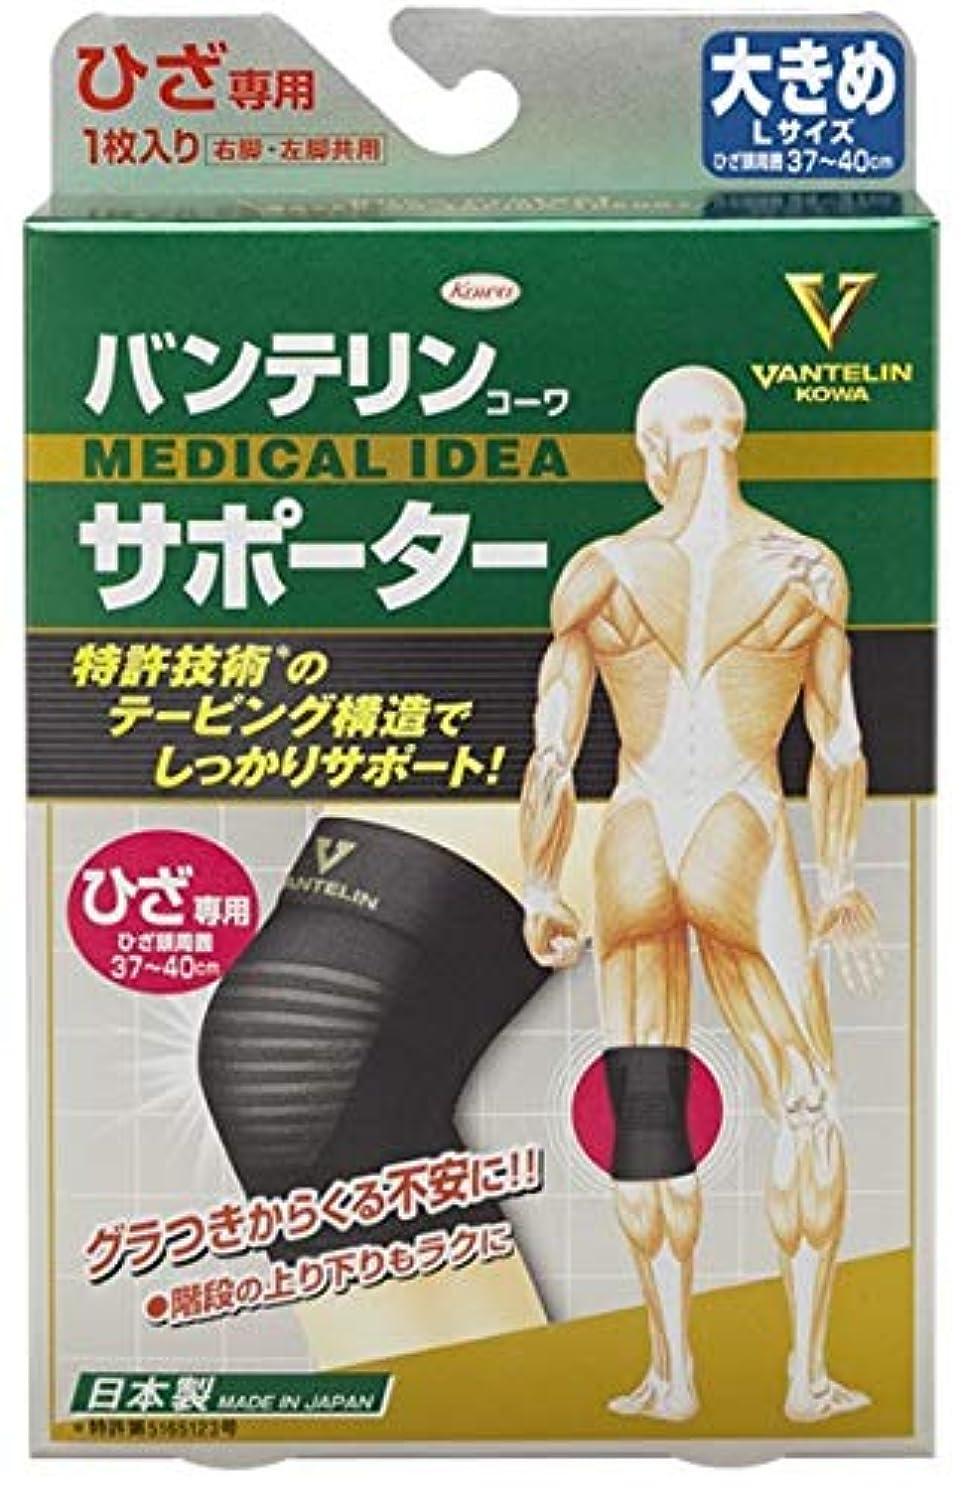 マッシュ誓いペチュランス興和(コーワ) バンテリンコーワサポーター ひざ専用 大きめLサイズ ブラック